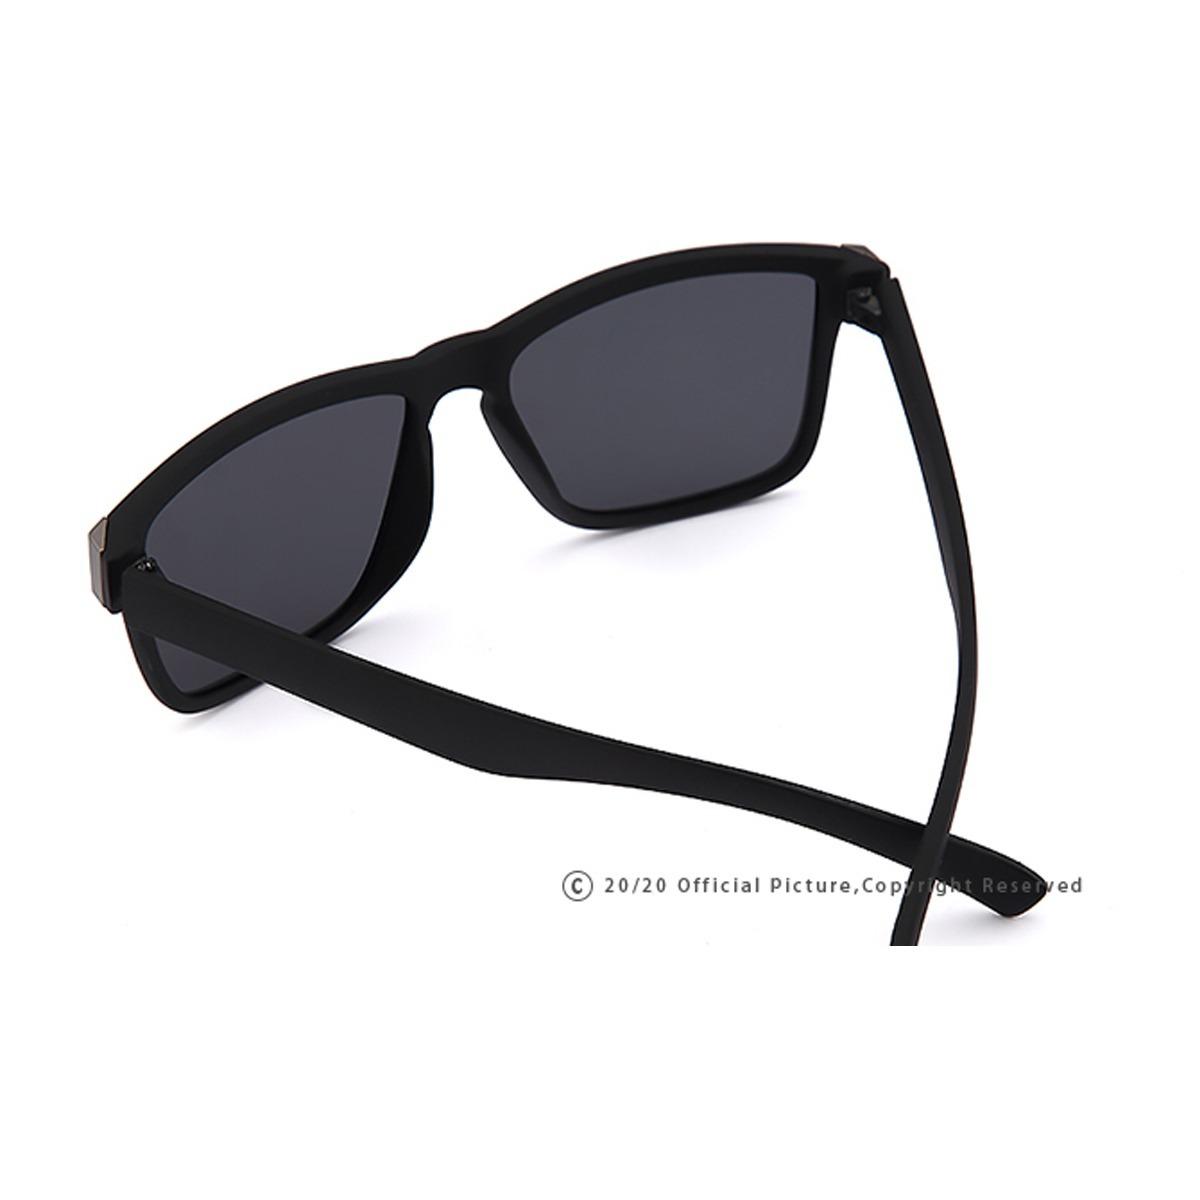 ddace528a oculos sol masculino barato 2020 polarizado redondo vintage. Carregando  zoom.